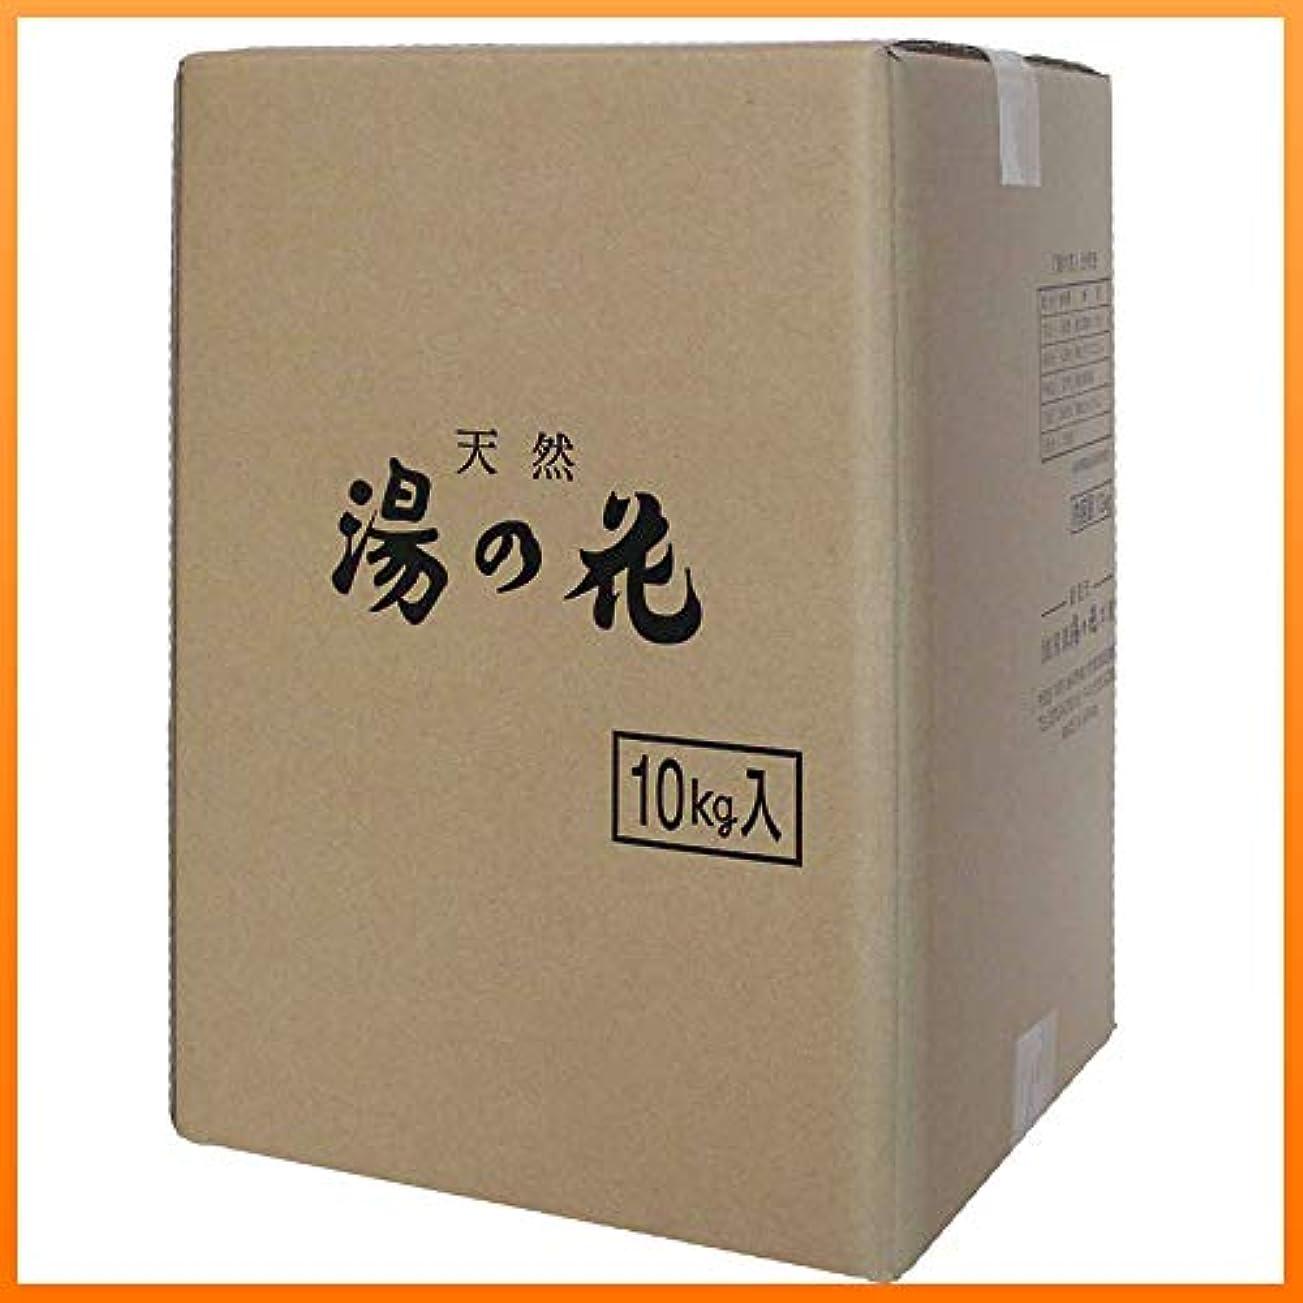 スティーブンソン服大使館天然湯の花 (業務用) 10kg (飛騨高山温泉郷 にごり湯)